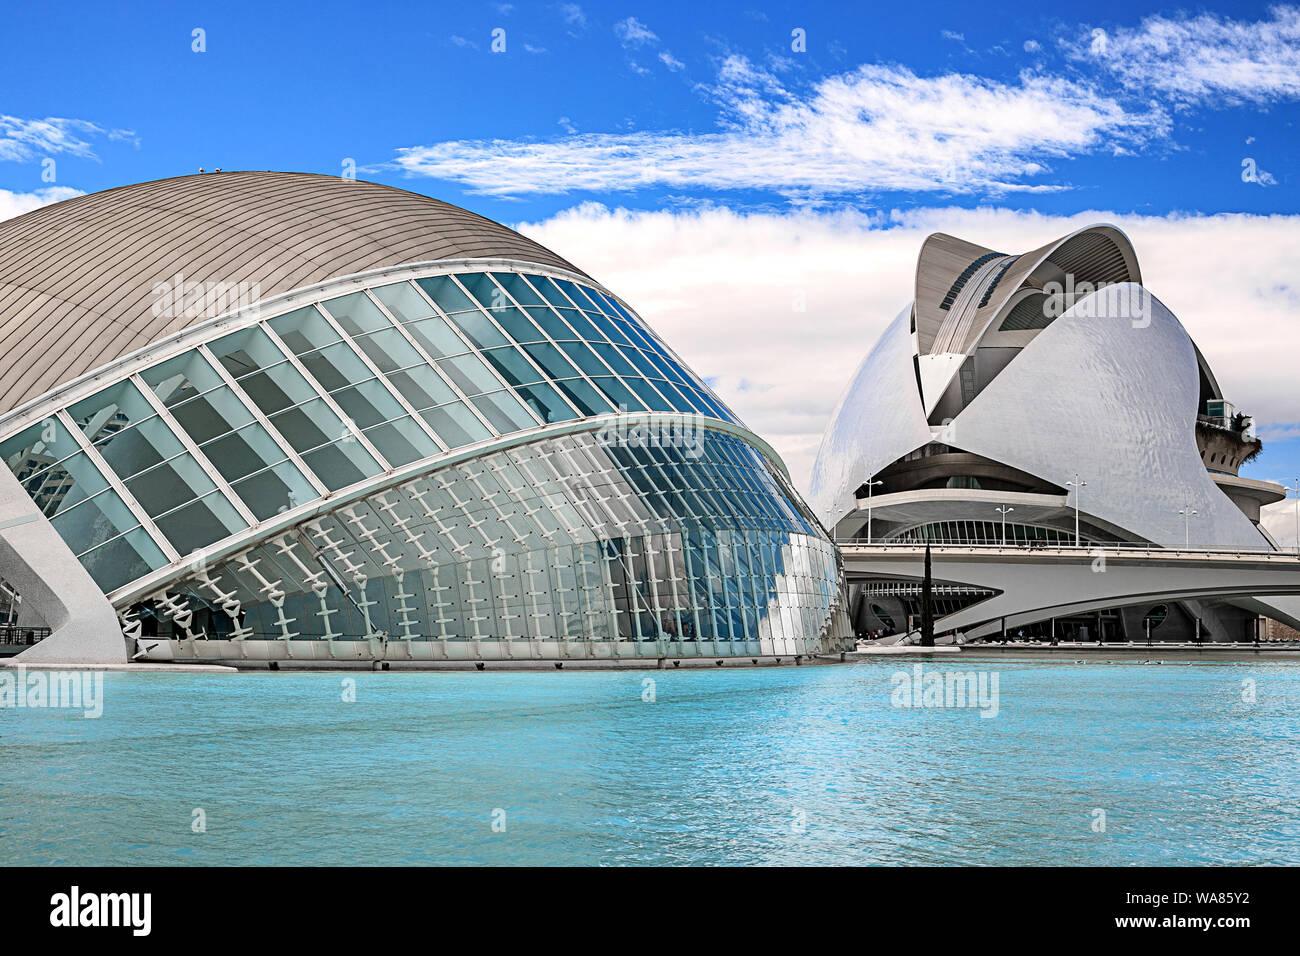 Valencia, Espagne - 17 août 2019. Vue de la ville d'art et de la science - un complexe architectural sur les bas de la rivière Turia. Propre Conception Banque D'Images